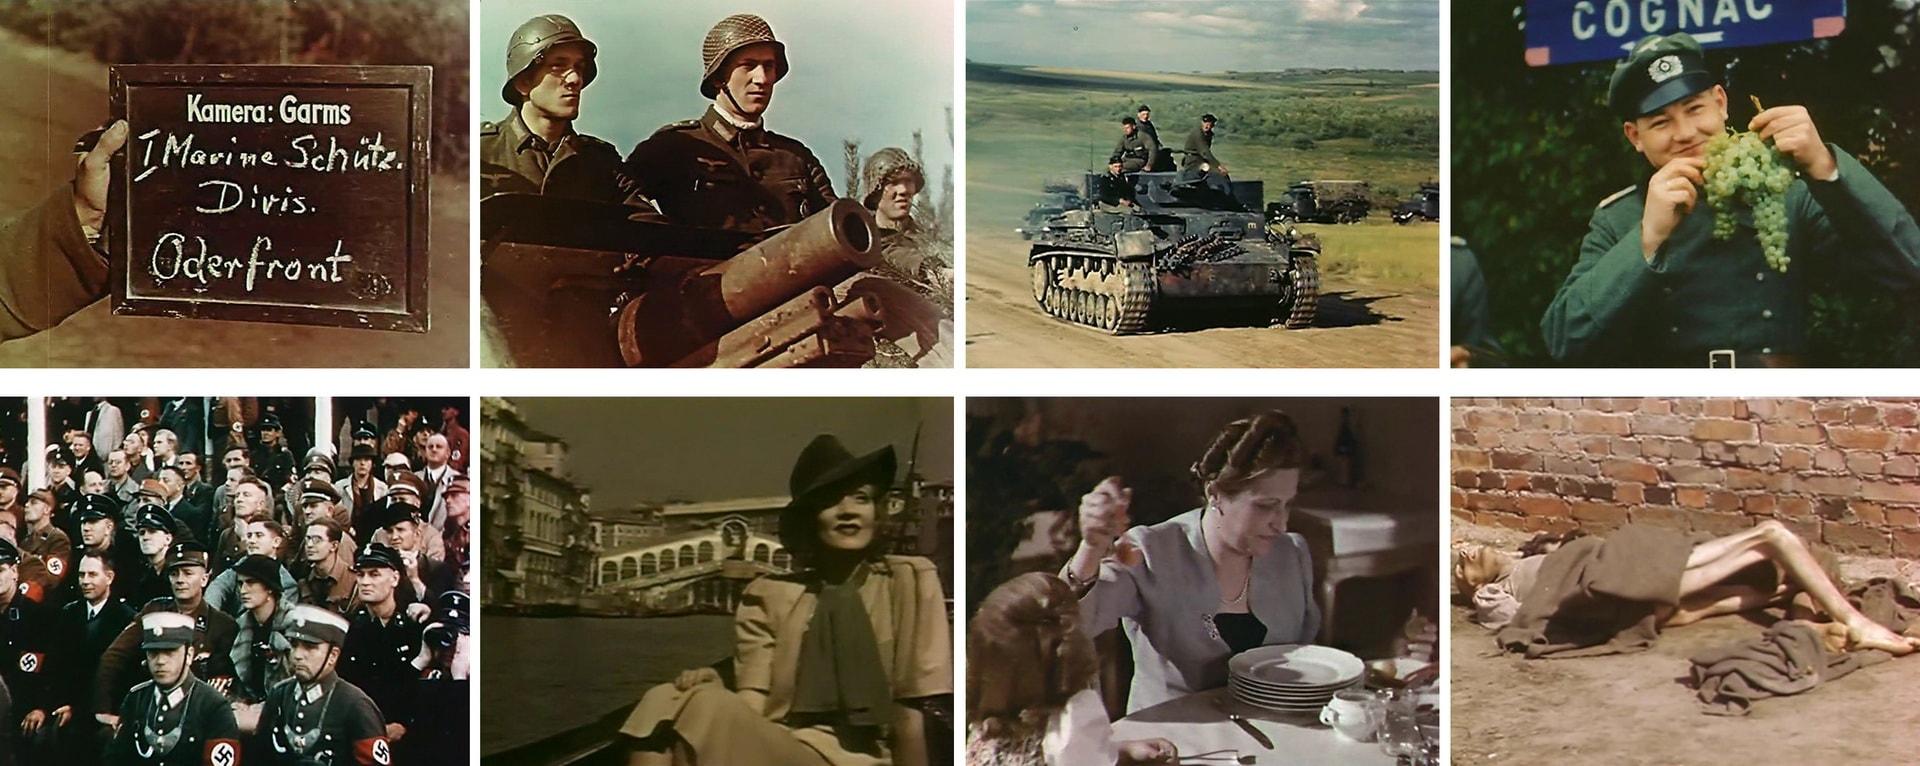 Цветная кинохроника Третьего рейха 1937-1945